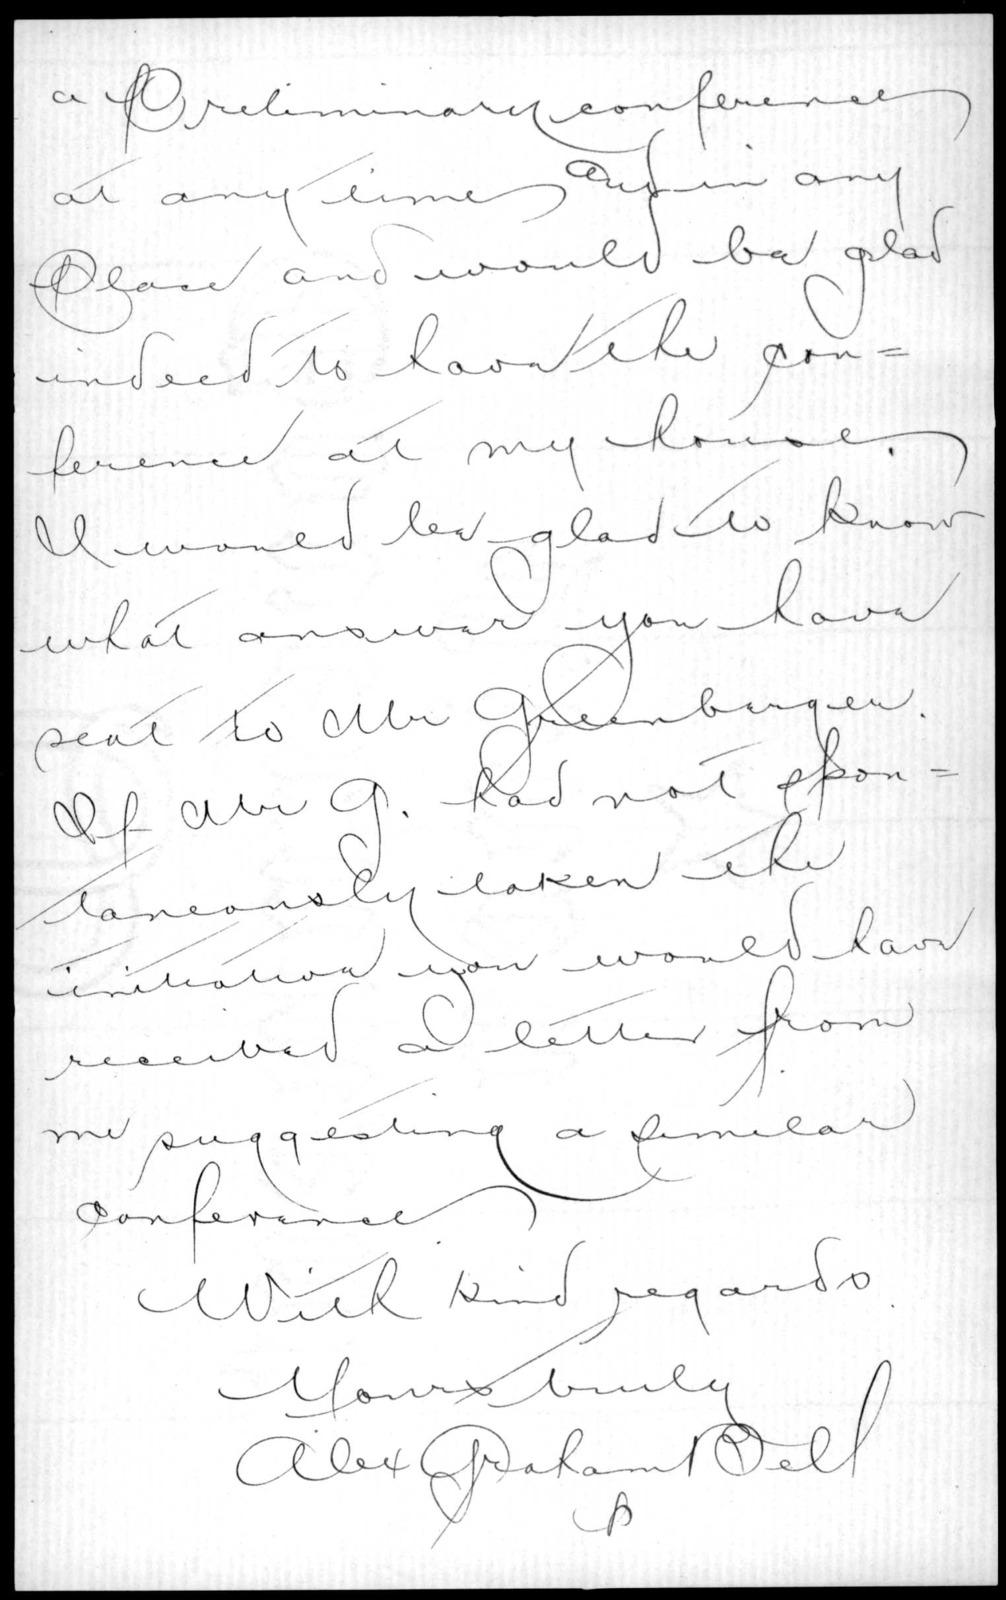 Letter from Alexander Graham Bell to Sarah Fuller, February 12, 1884